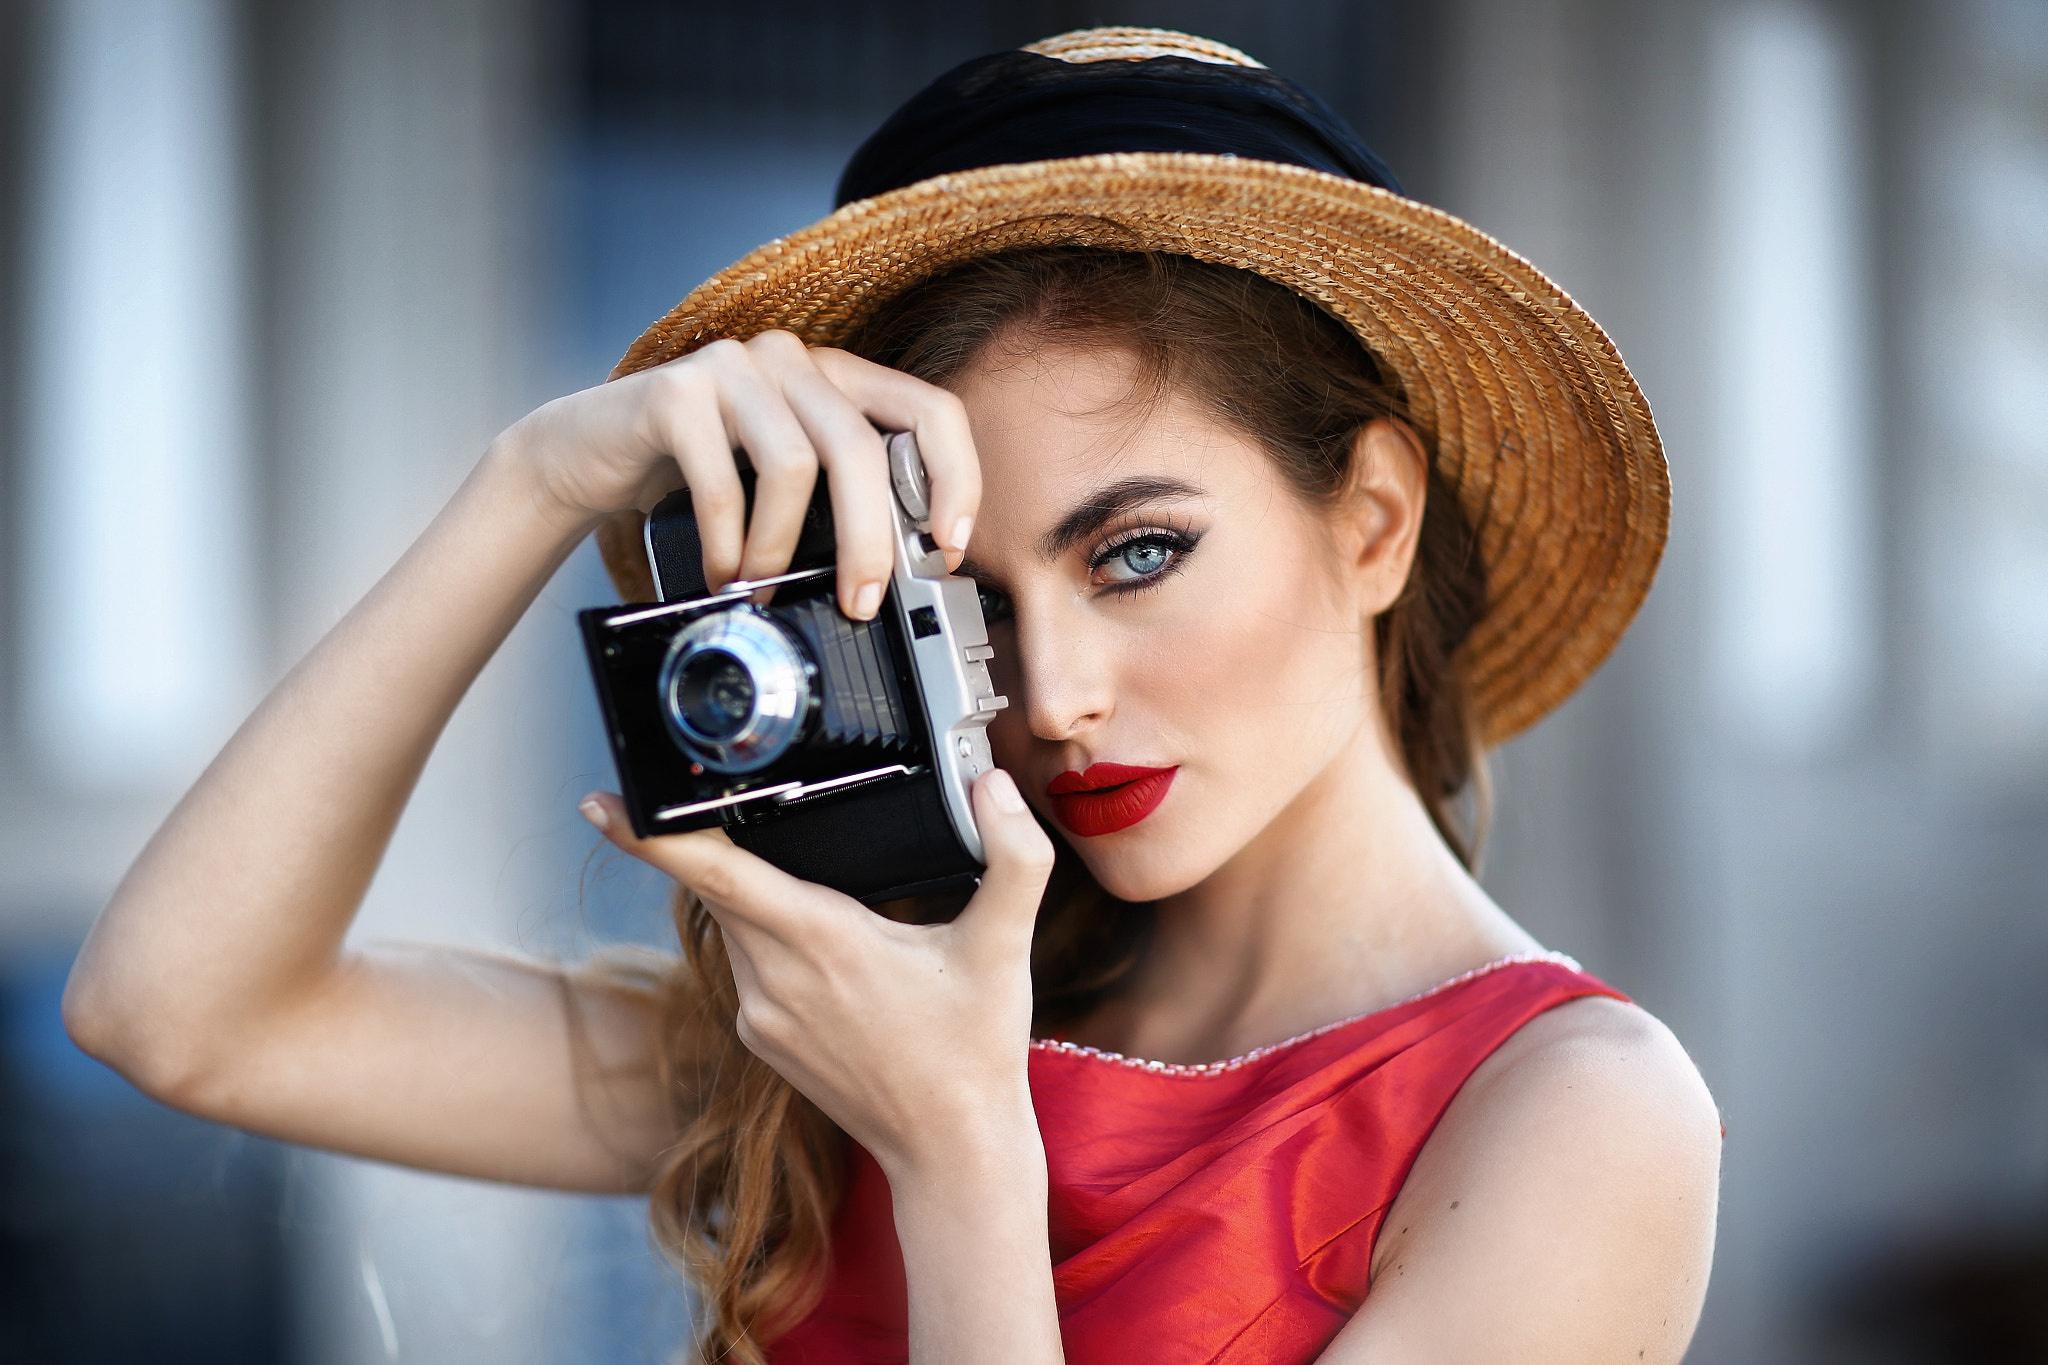 необходимый блоги для фотографов и моделей для сбора ягод